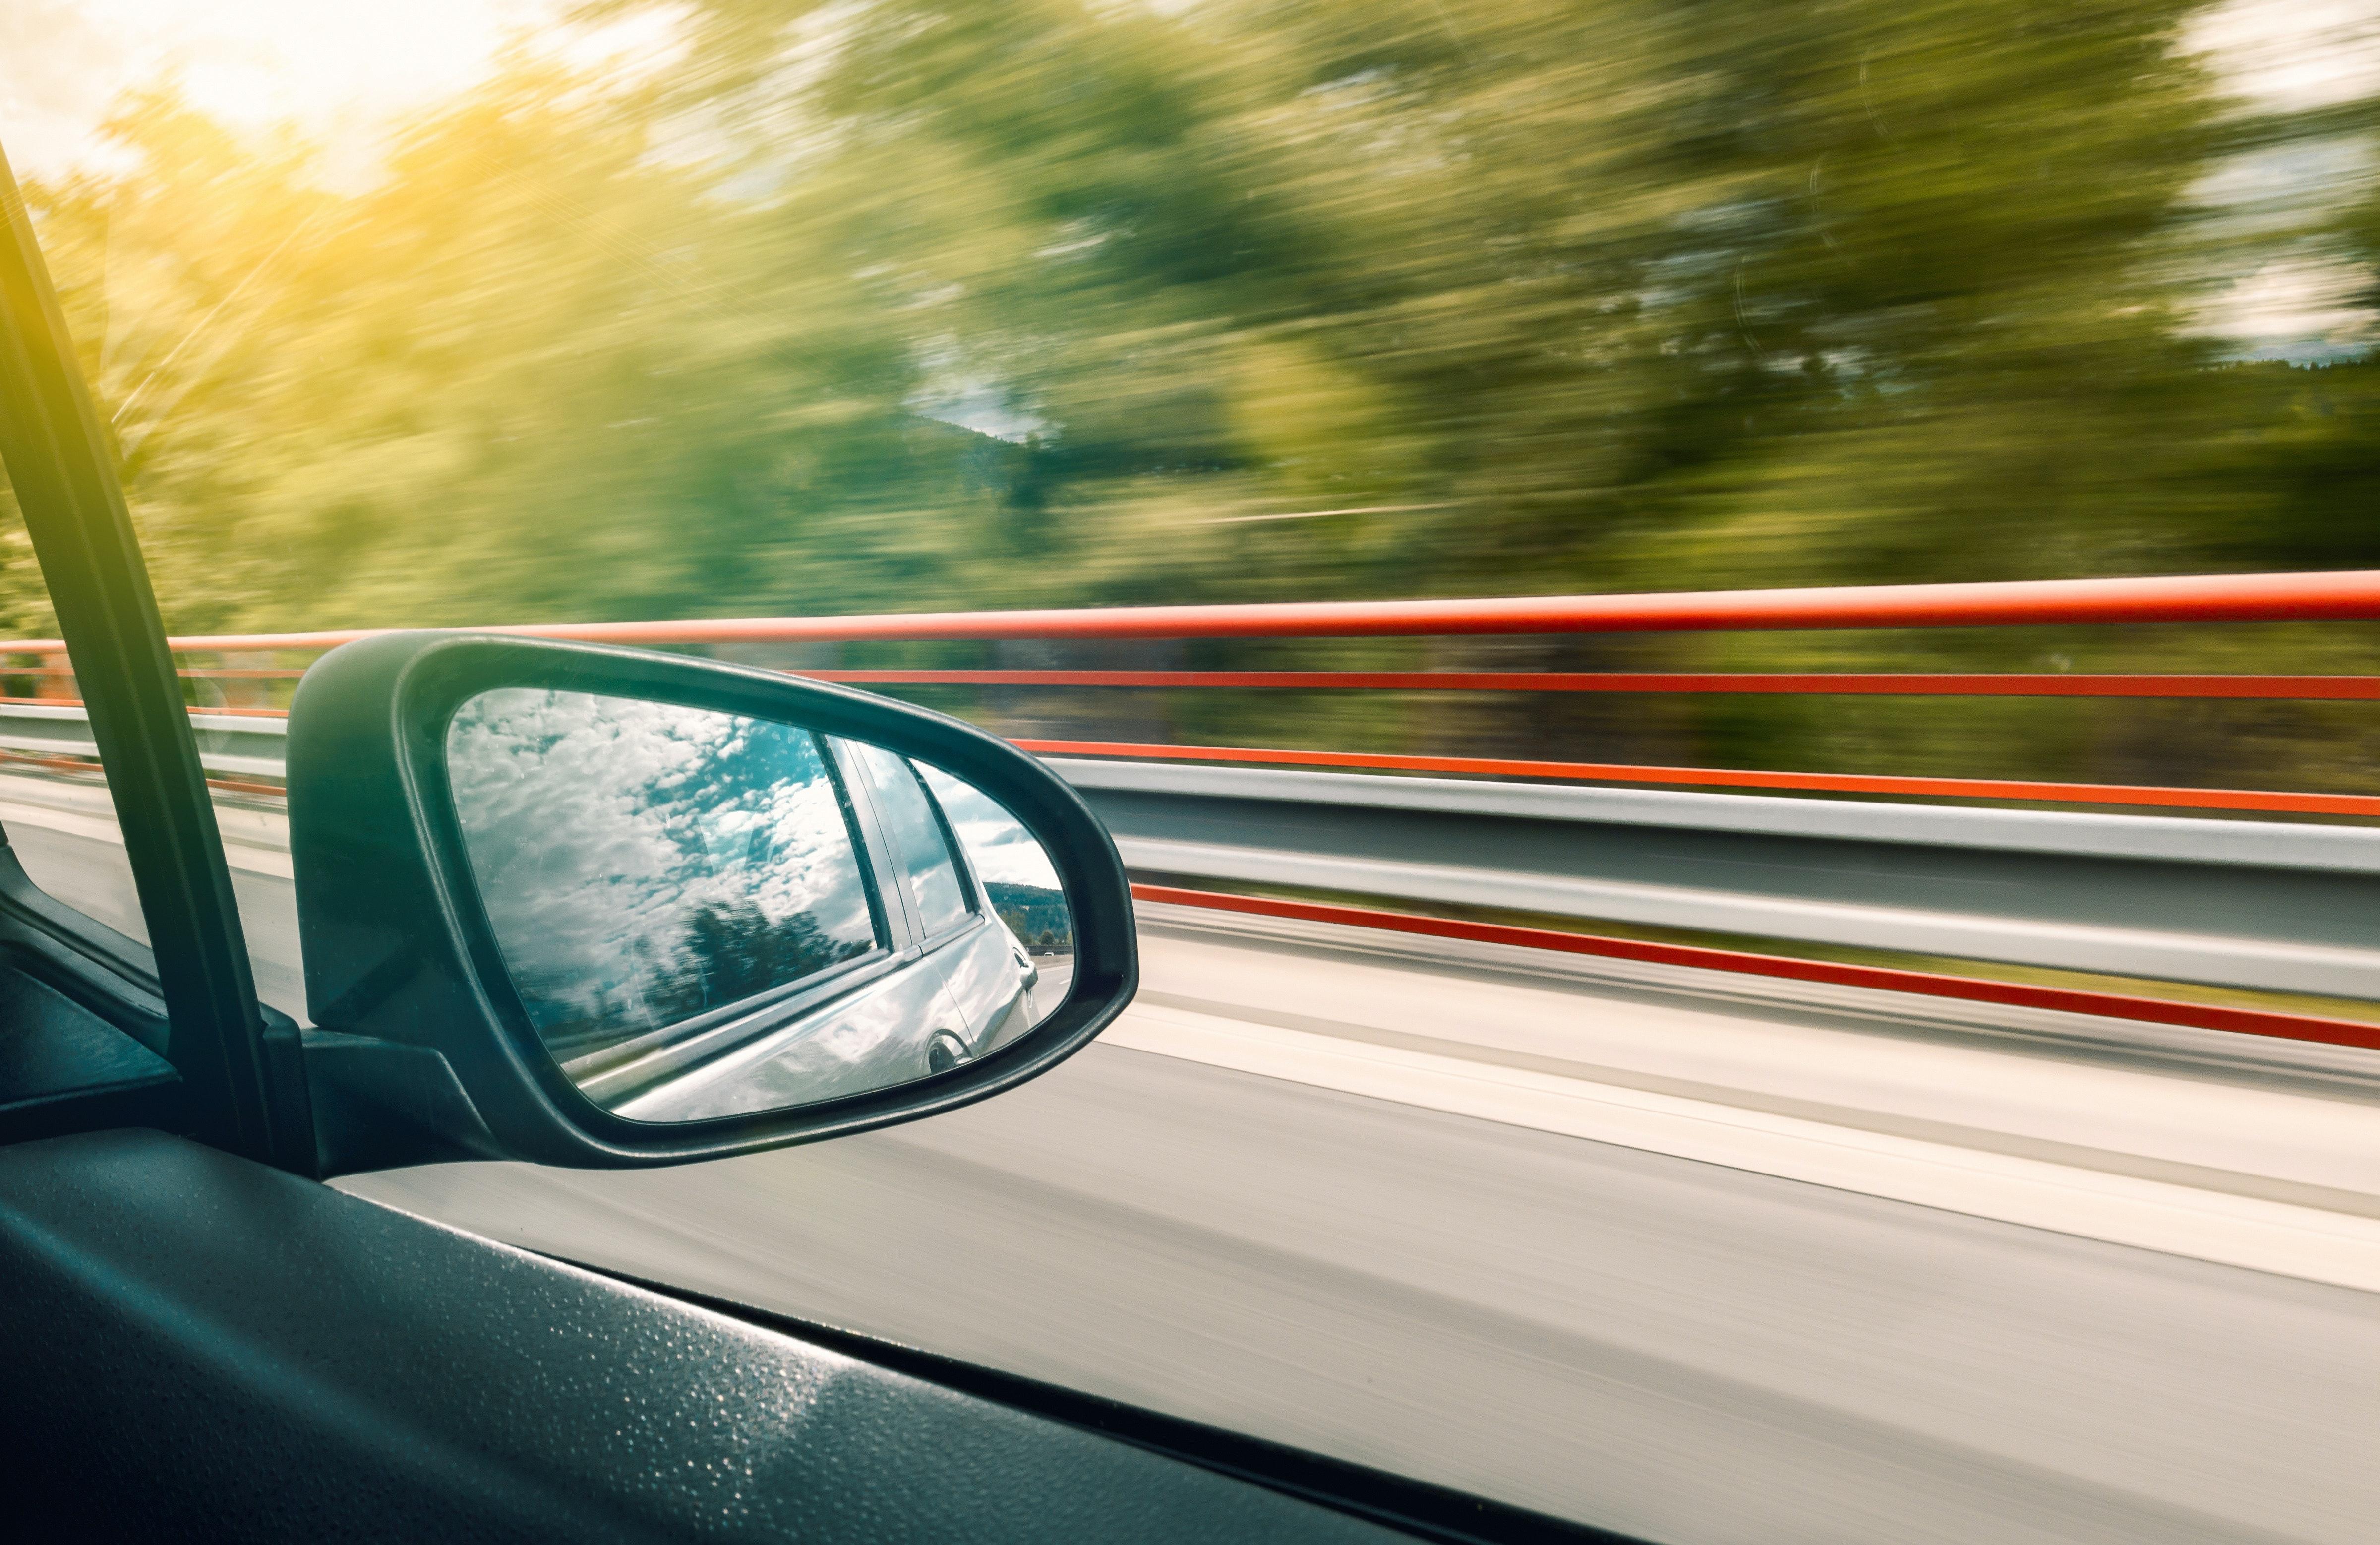 detalhe de retrovisor de carro em movimento